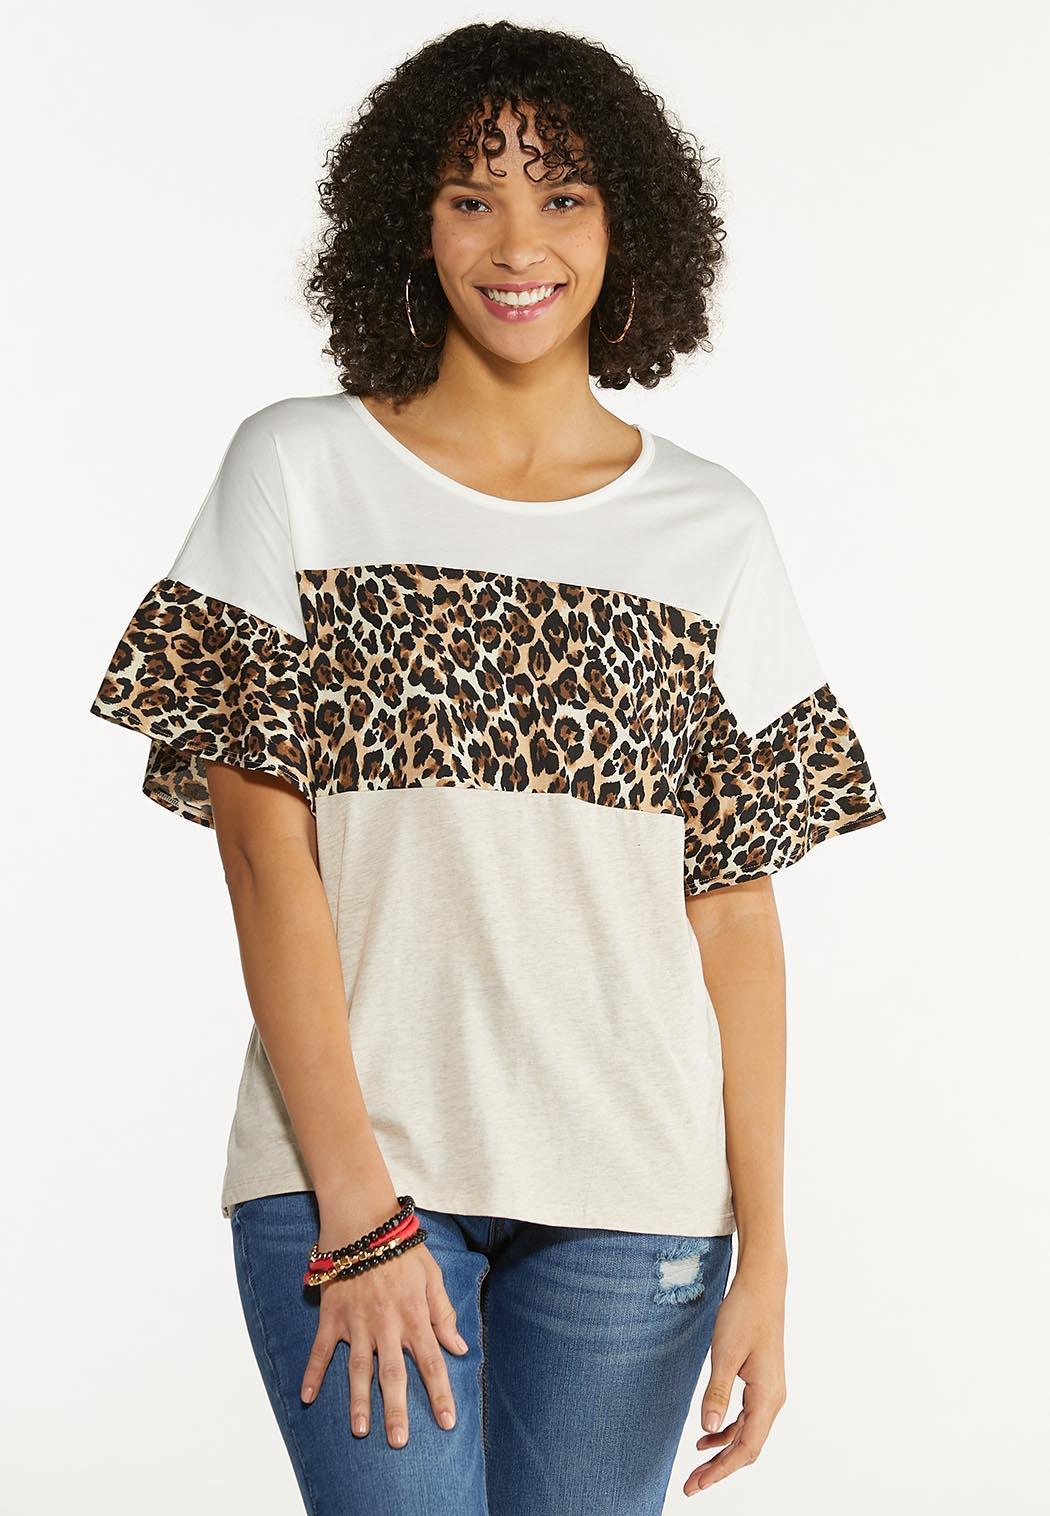 Leopard Colorblock Top